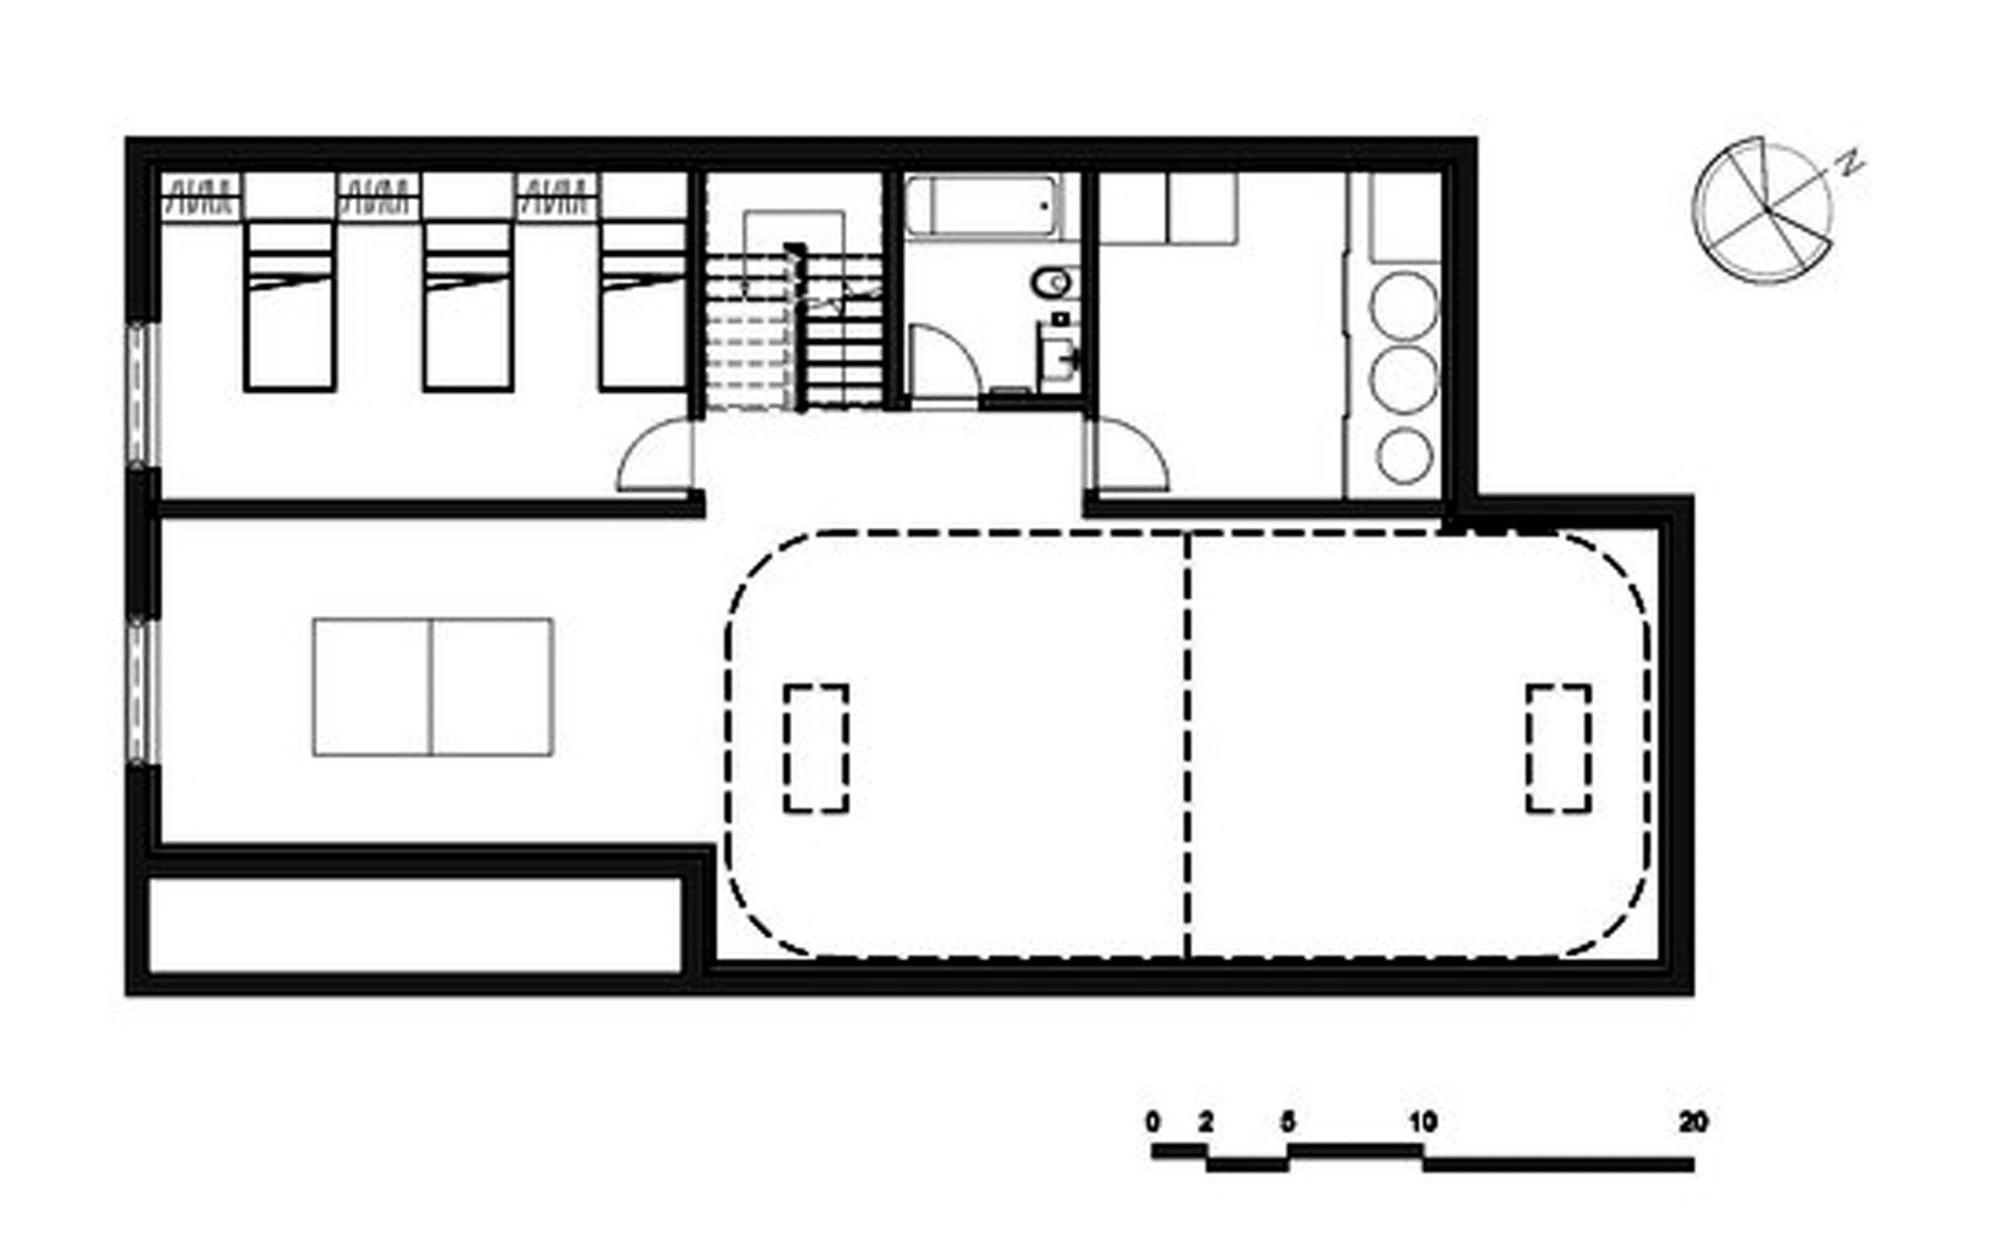 Dise o de casa moderna de dos pisos m s s tano planos for Diseno de planos